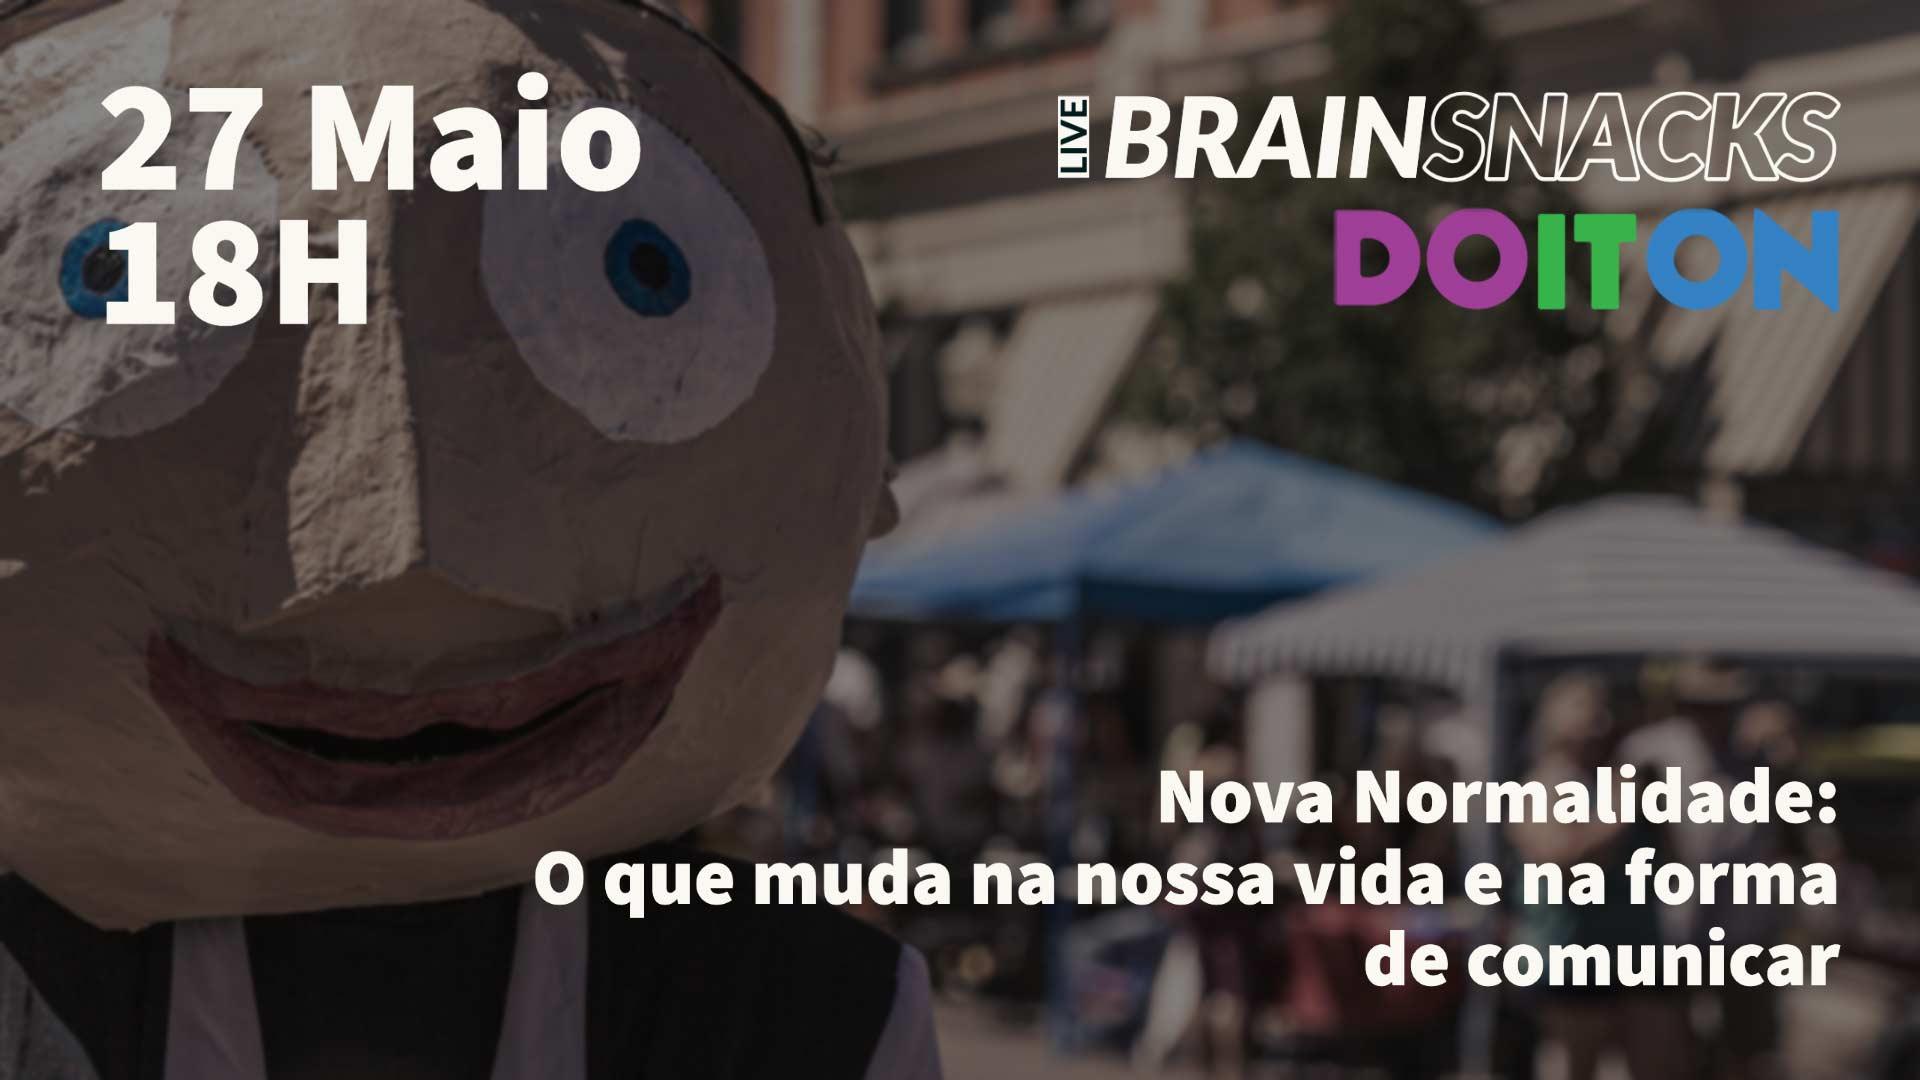 Live Brain Snacks by Do It On: Nova Normalidade: O que muda na nossa vida e na forma de comunicar